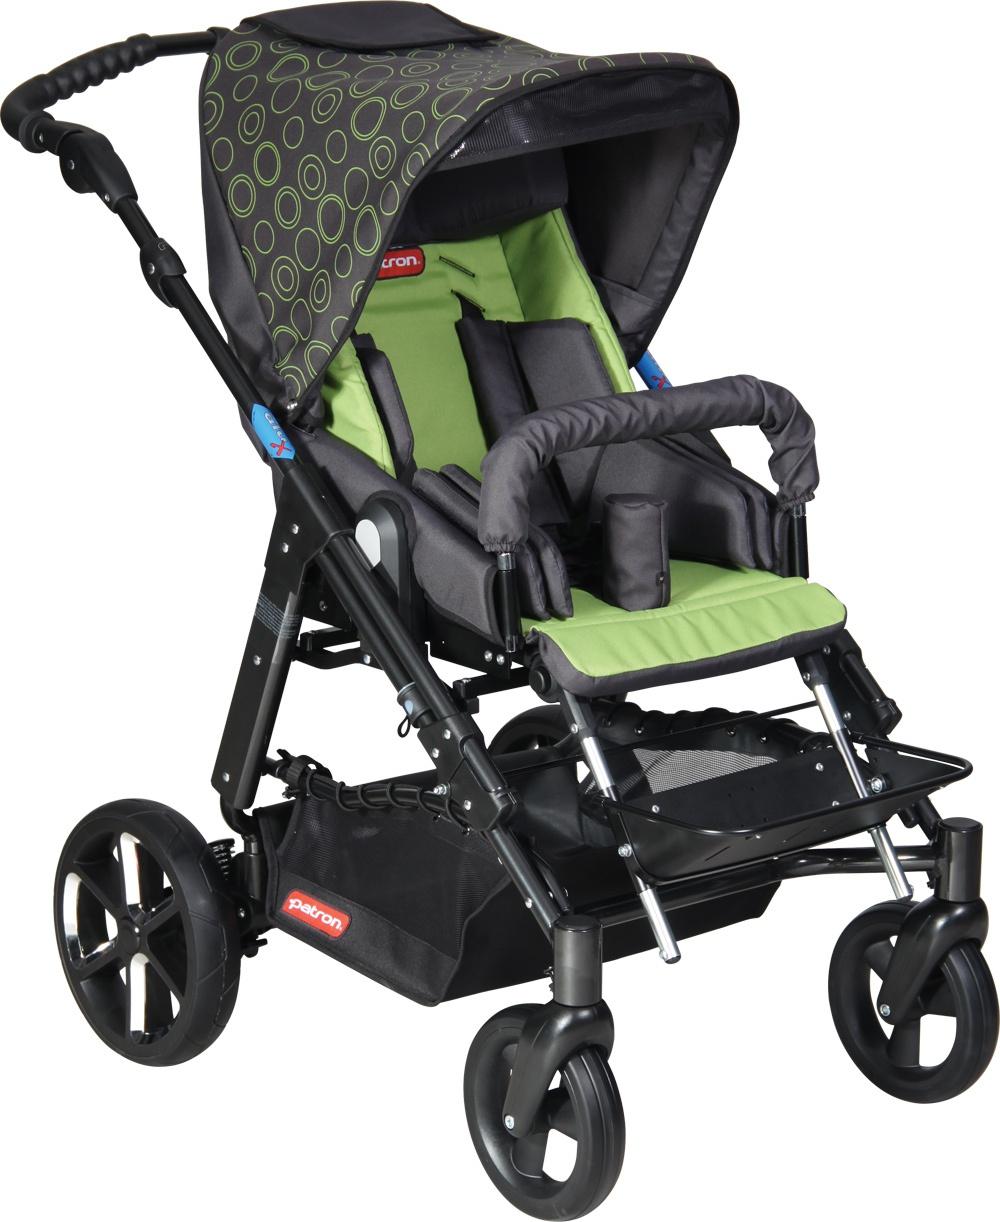 Patron Dixie Plus Wózek inwalidzki specjalny, dziecięcy, spacerowy, spersonizowany, doposażony